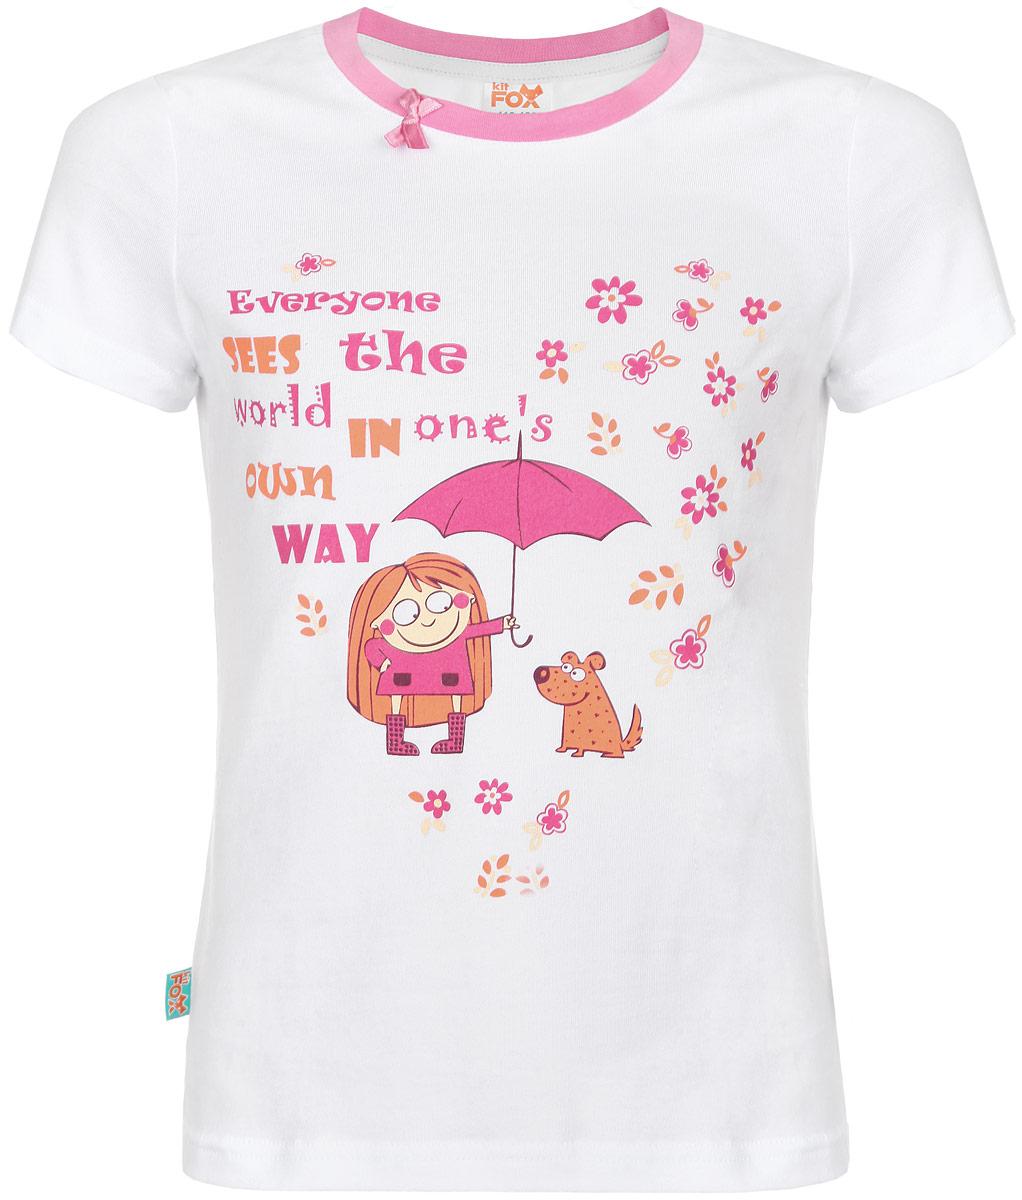 Футболка для девочки KitFox Love Is, цвет: белый, розовый, оранжевый. AW15-UAT-GTS-165. Размер 92/98AW15-UAT-GTS-165Футболка для девочки KitFox из коллекции Love Is идеально подойдет вашей маленькой принцессе. Изготовленная из эластичного хлопка, она мягкая и приятная на ощупь, не сковывает движения и позволяет коже дышать, не раздражает нежную кожу ребенка, обеспечивая ему наибольший комфорт. Футболка с круглым вырезом горловины и короткими рукавами оформлена оригинальным принтом с надписью. Вырез горловины дополнен трикотажной резинкой контрастного цвета, украшен небольшим атласным бантиком. Такая футболка станет отличным дополнением к детскому гардеробу, в ней ребенку будет комфортно и удобно.